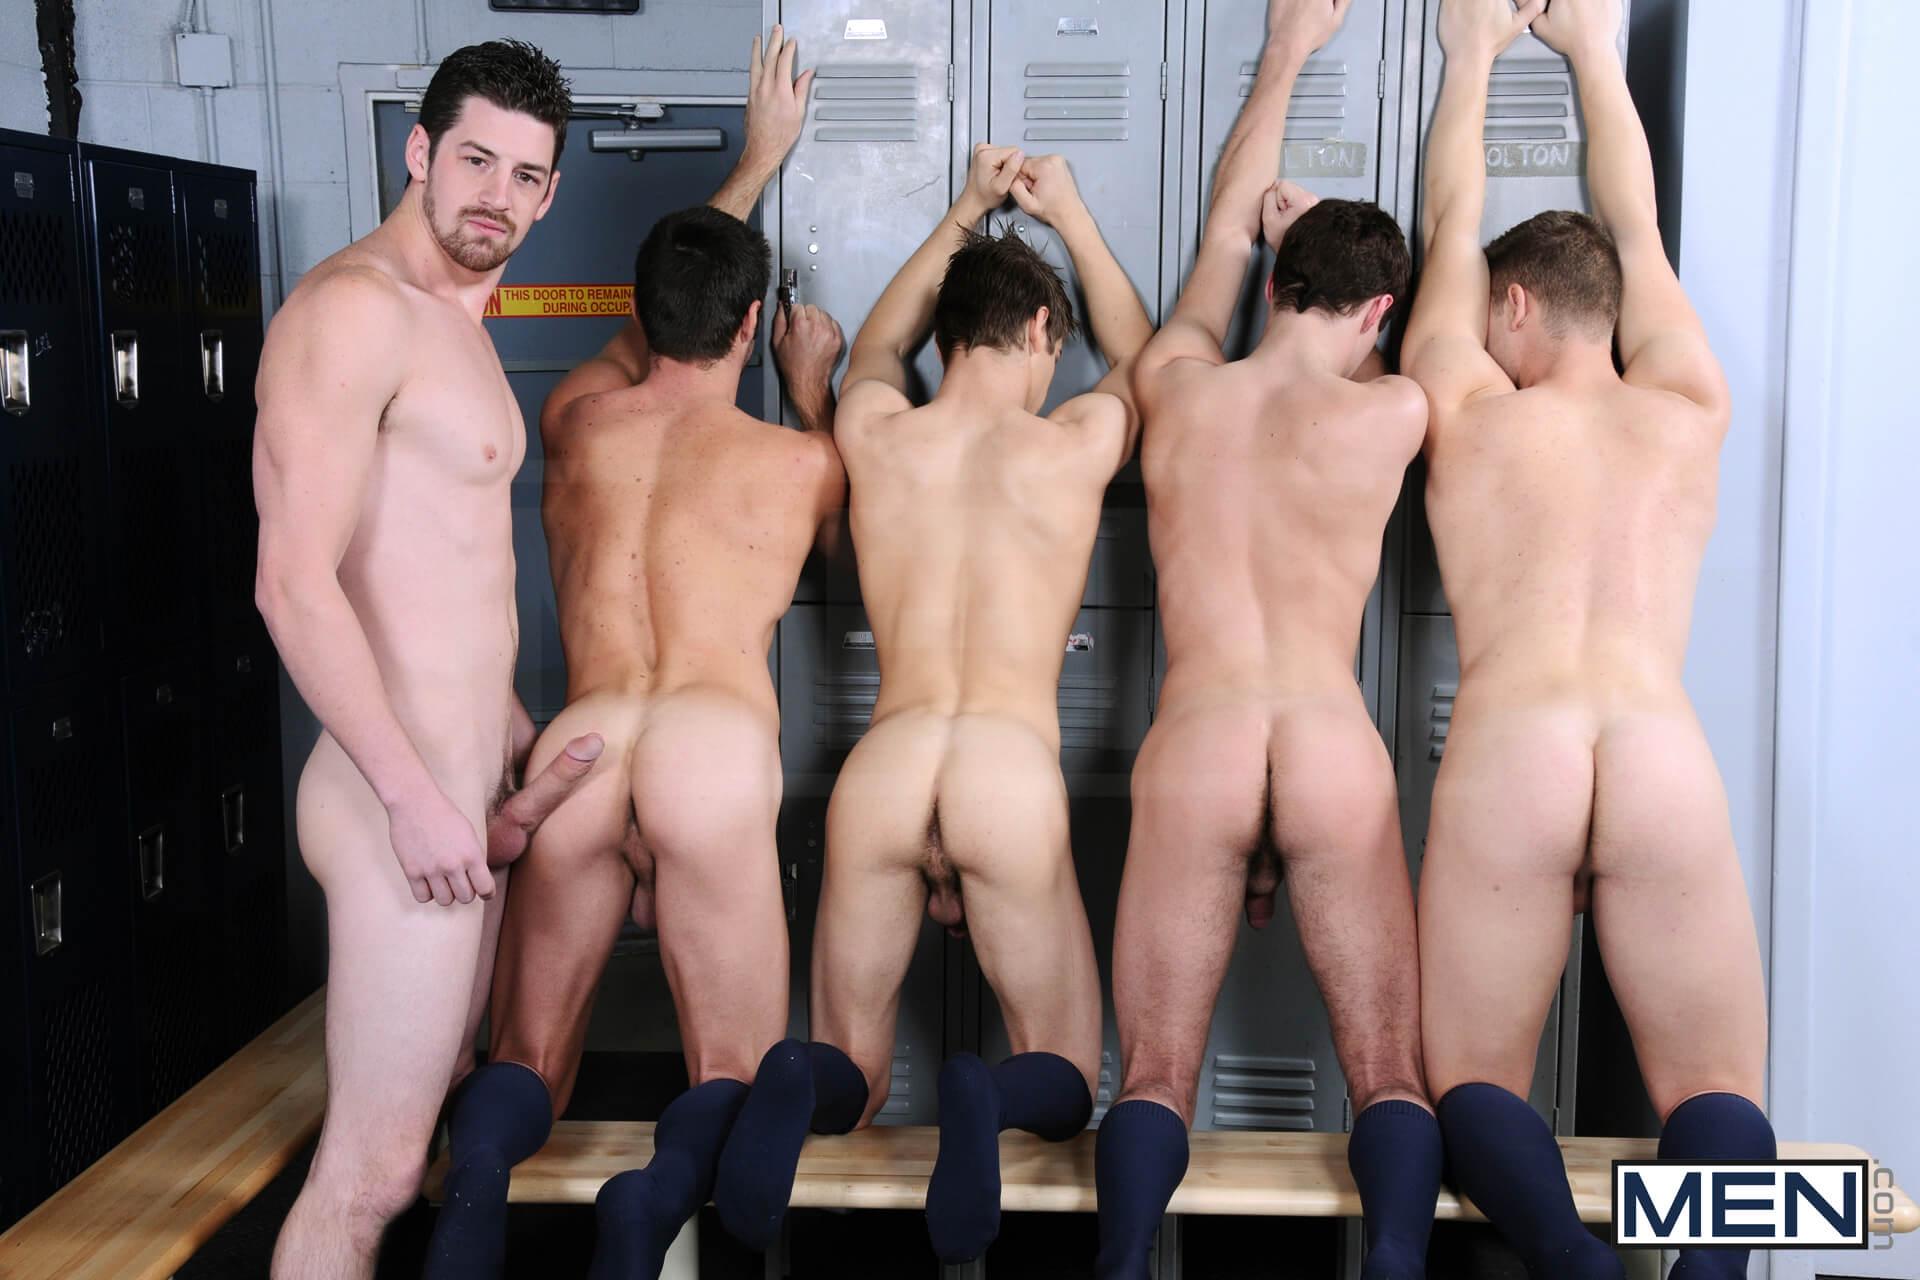 Major orgy